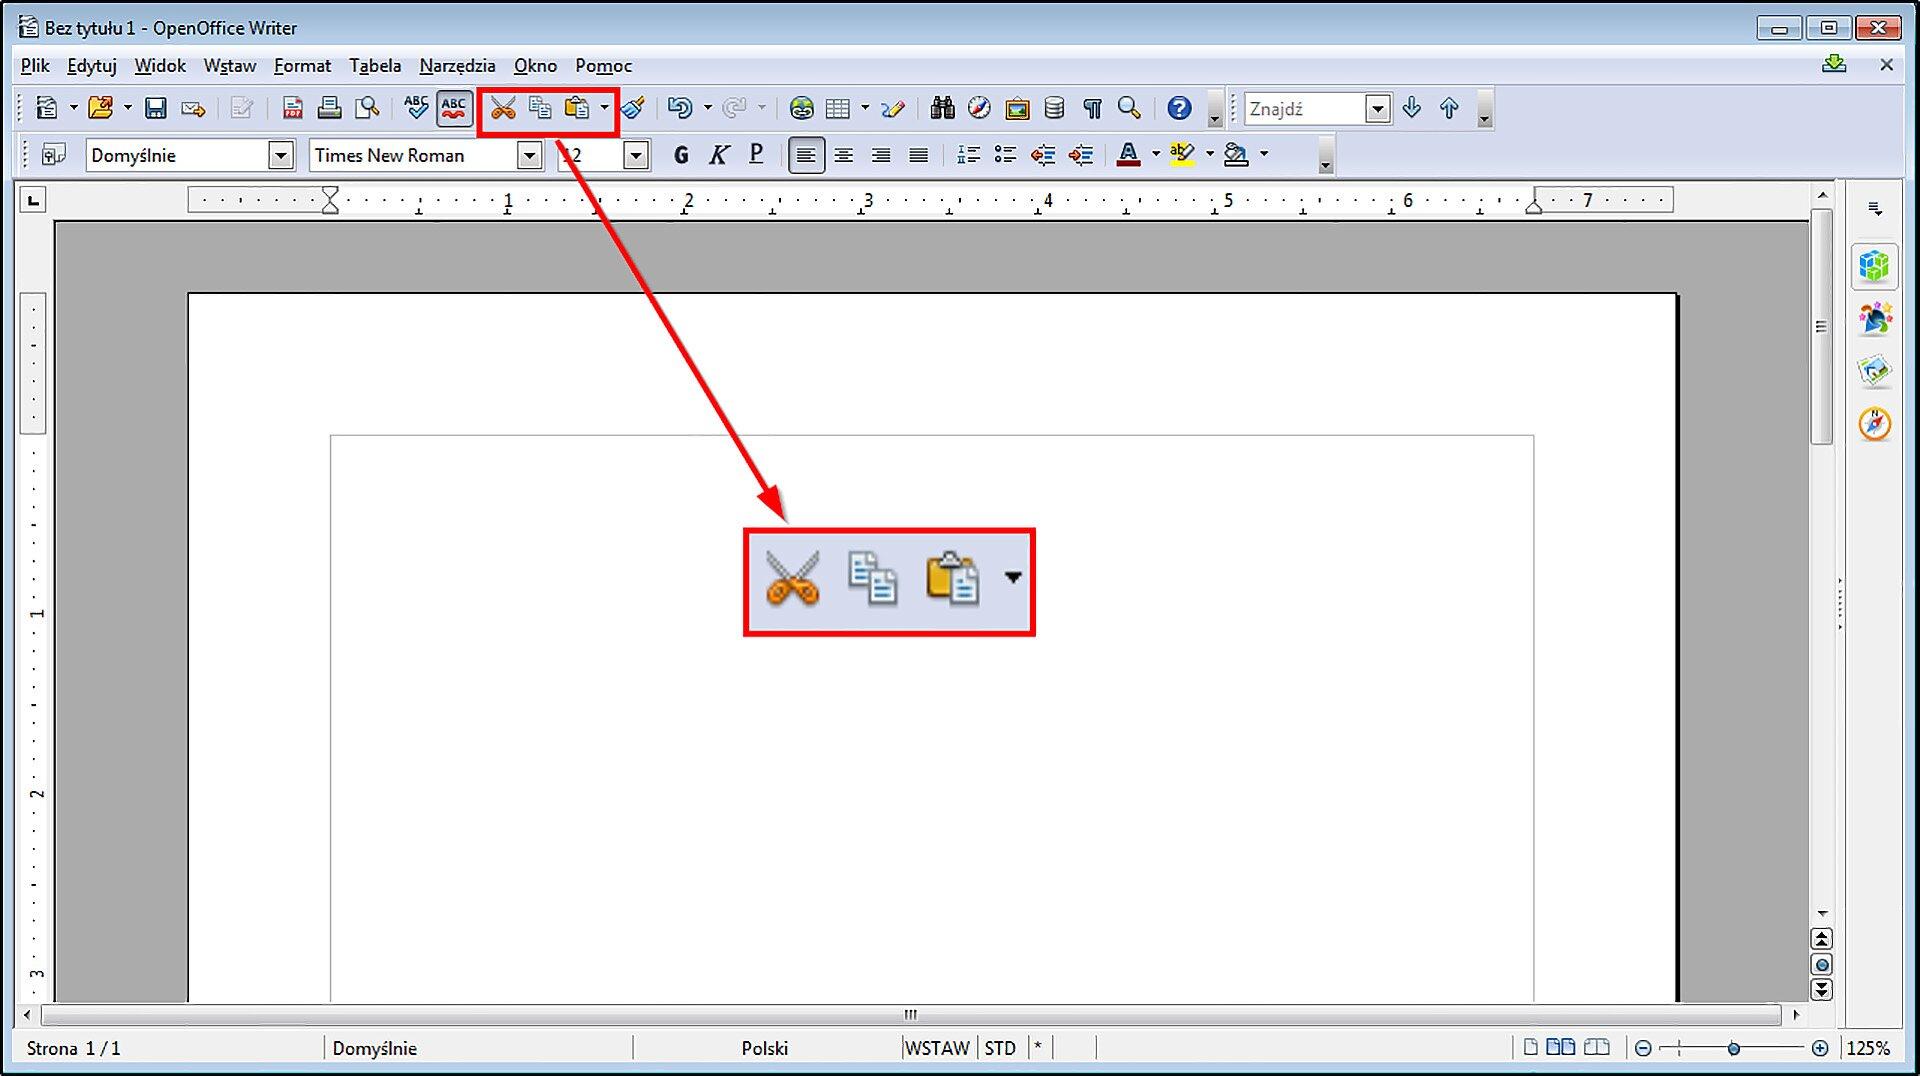 Slajd 2 galerii zrzutów okien przykładowych edytorów tekstu zzaznaczonymi narzędziami Wytnij, Kopiuj, Wklej